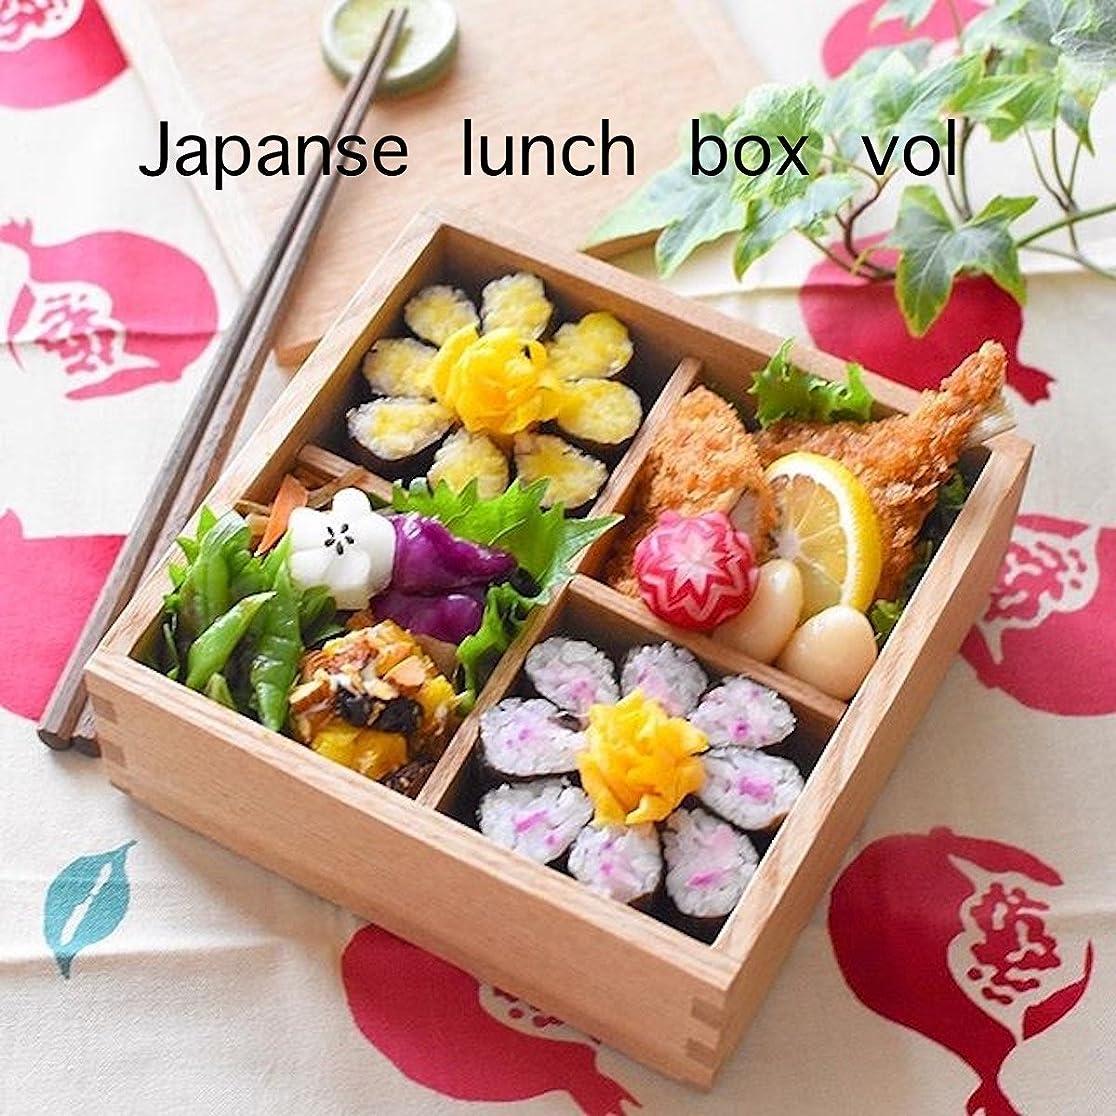 乙女ステージ社交的Japanse lunch box vol 1. (Dutch Edition)